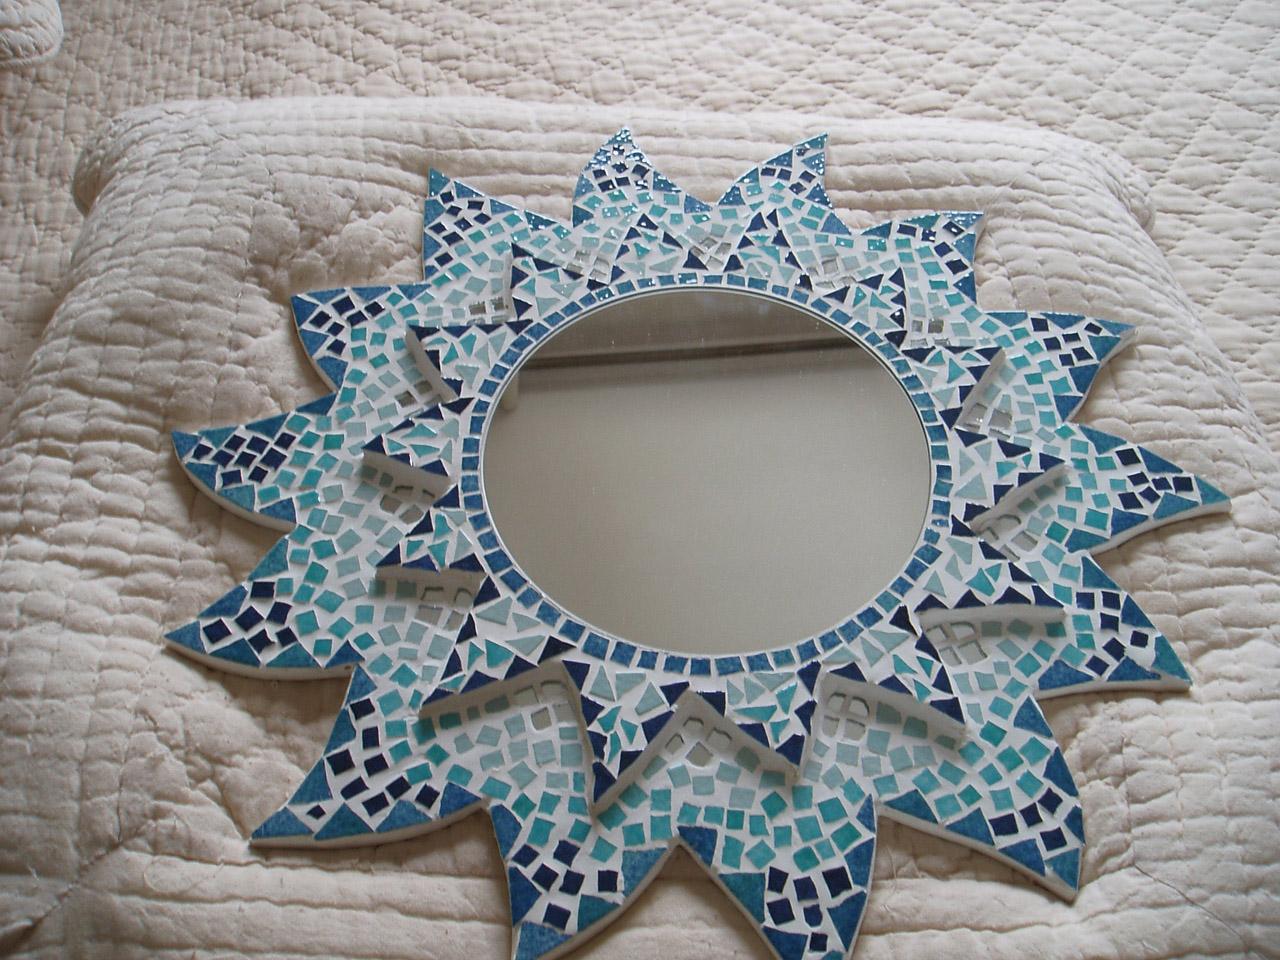 Mosaique mosa ques artisanales for Mosaique miroir